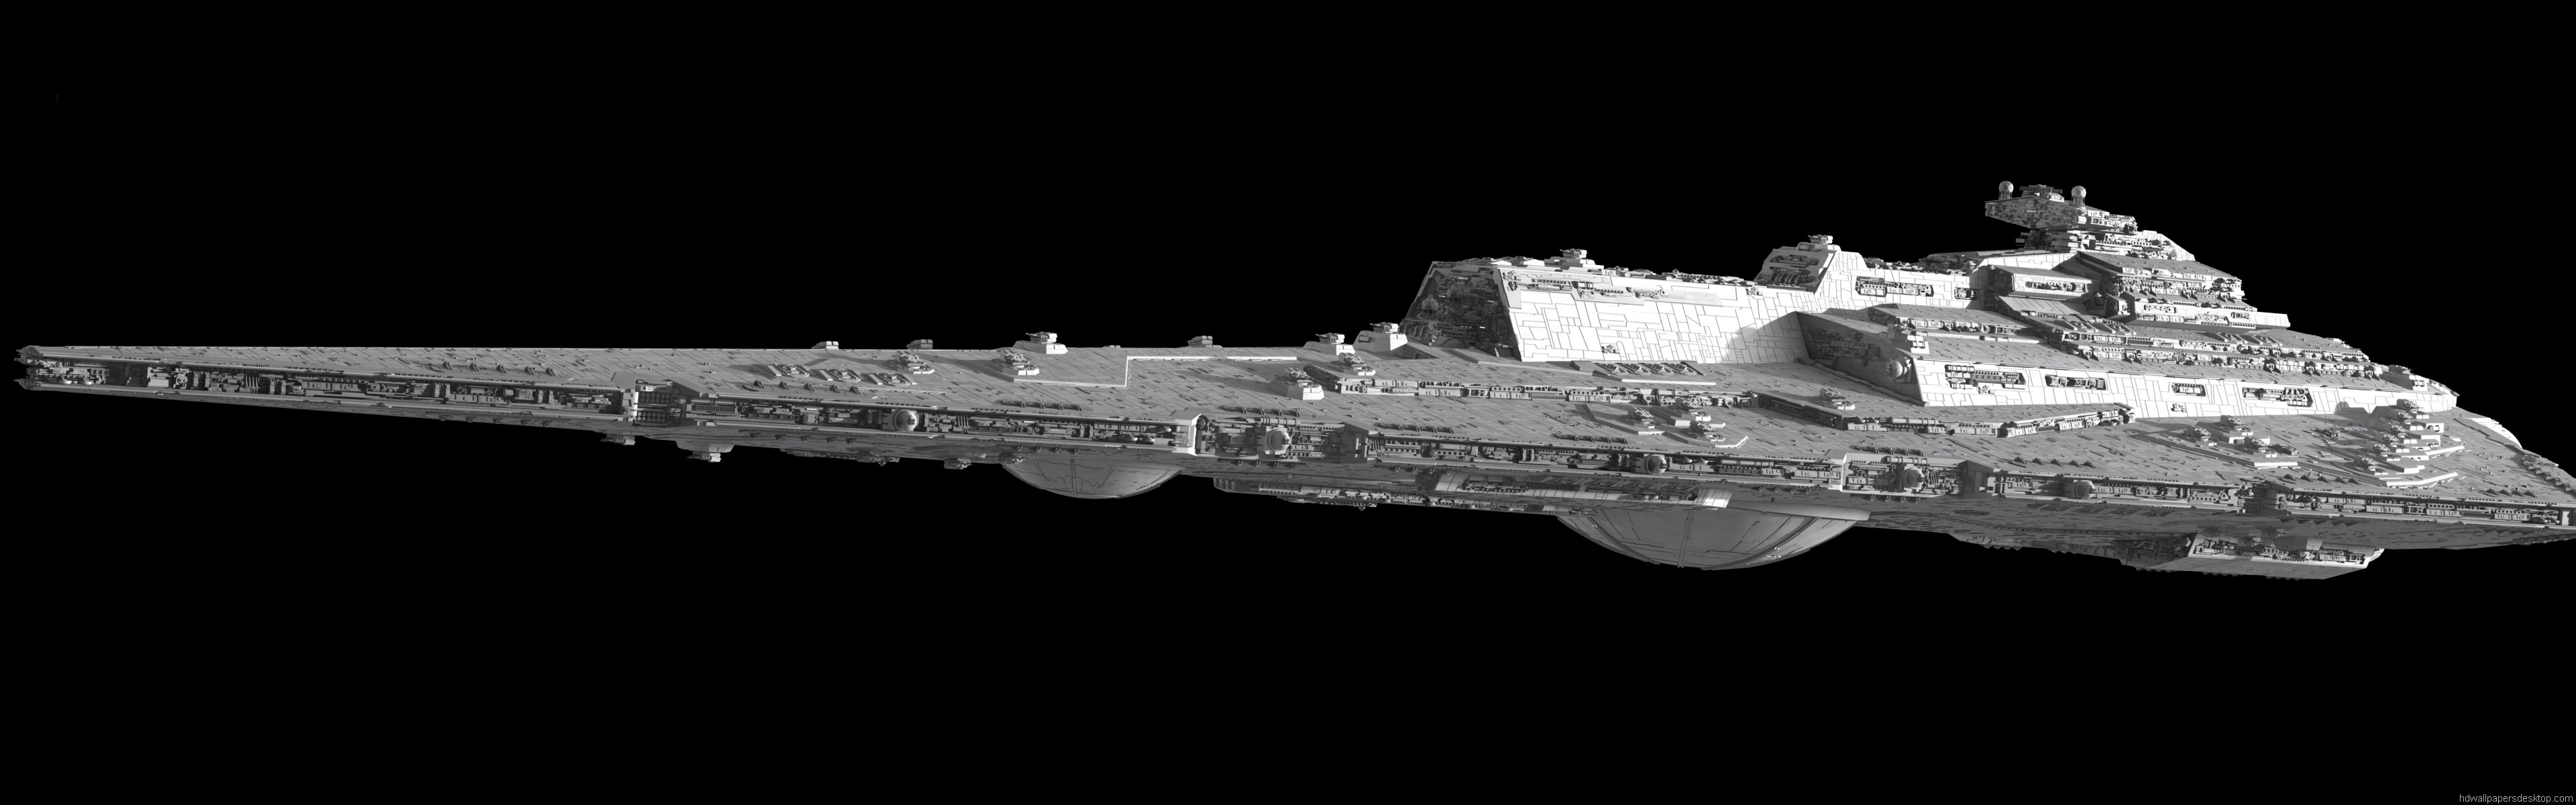 Panoramic Star Wars Wallpaper 3840 1080 Dual Monitor Hd Wallpaper 2 Monitors Star Wars 3840x1200 Wallpaper Teahub Io